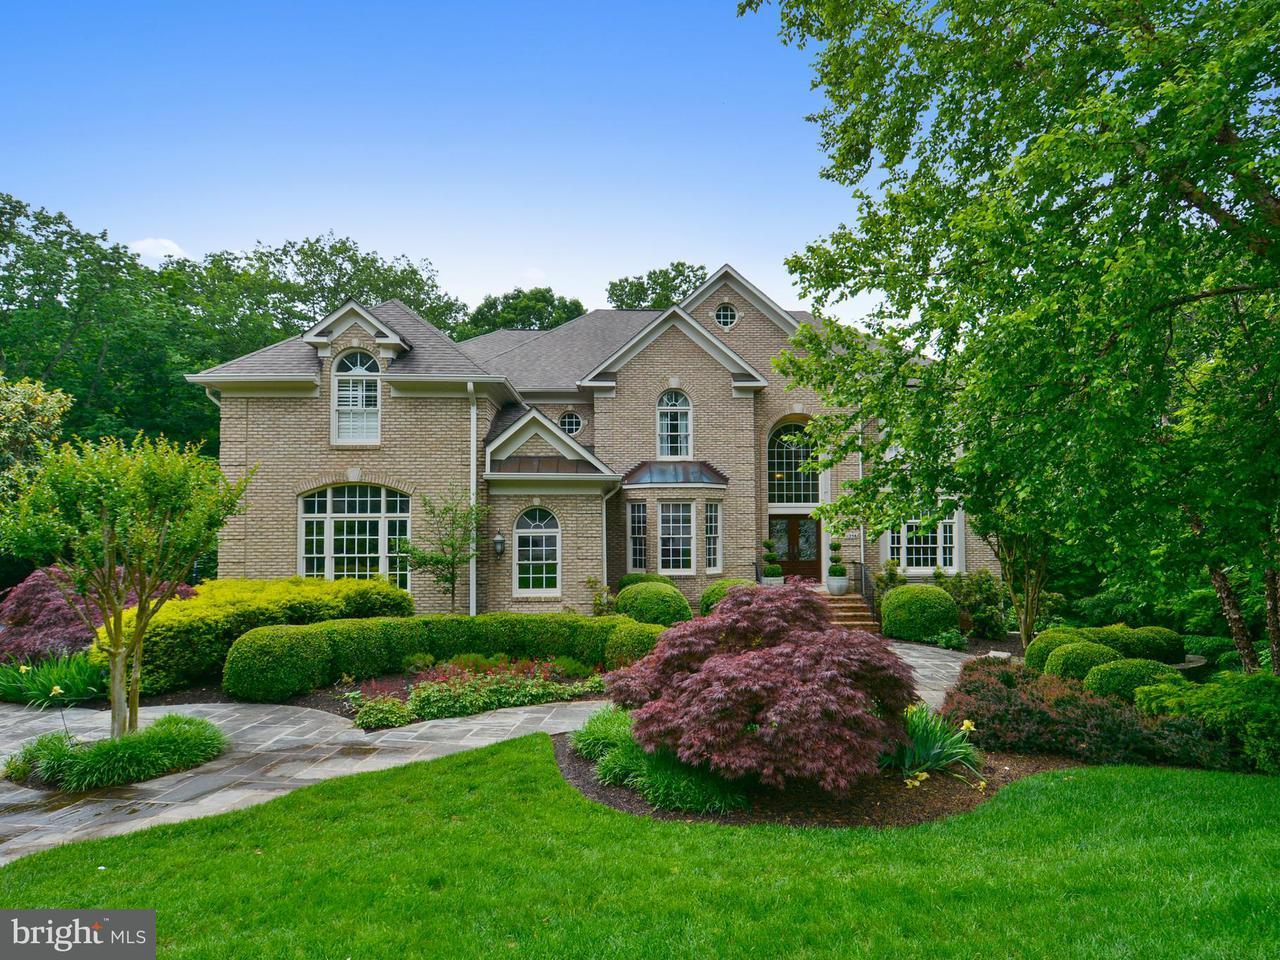 獨棟家庭住宅 為 出售 在 11258 SOMMERSWORTH Court 11258 SOMMERSWORTH Court Sterling, 弗吉尼亞州 20165 美國